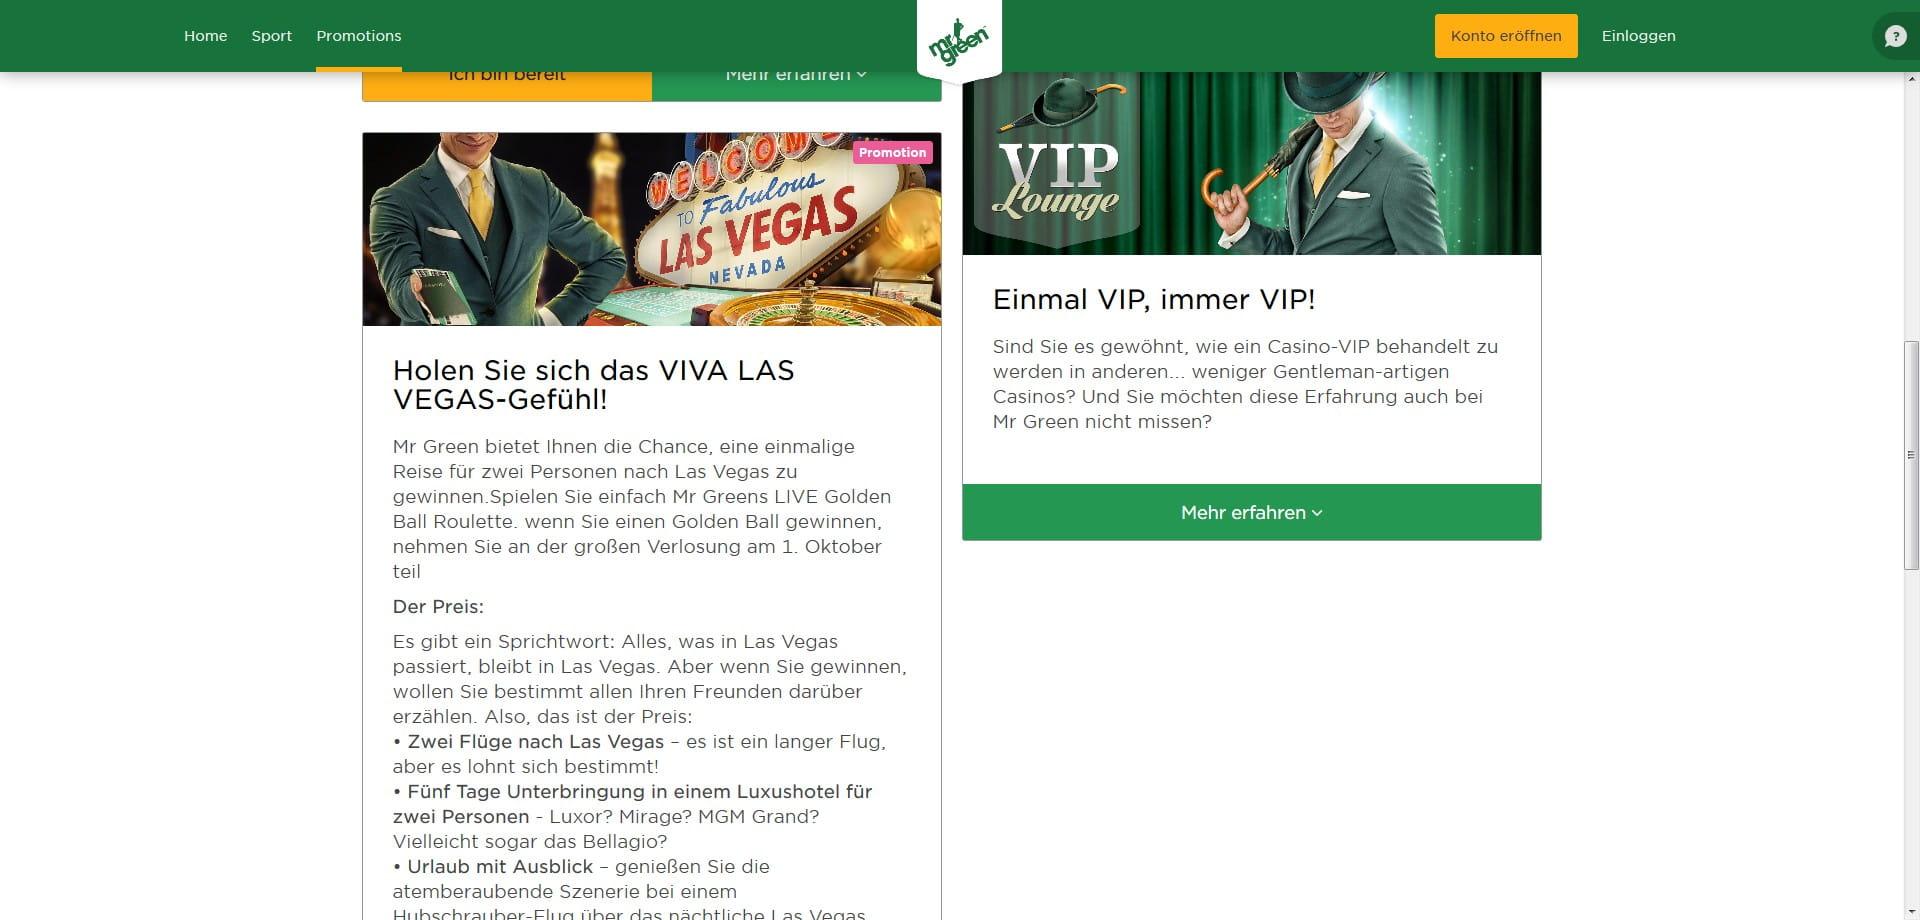 Mr Green Reise Nach Las Vegas Gewinnen Spielcasino